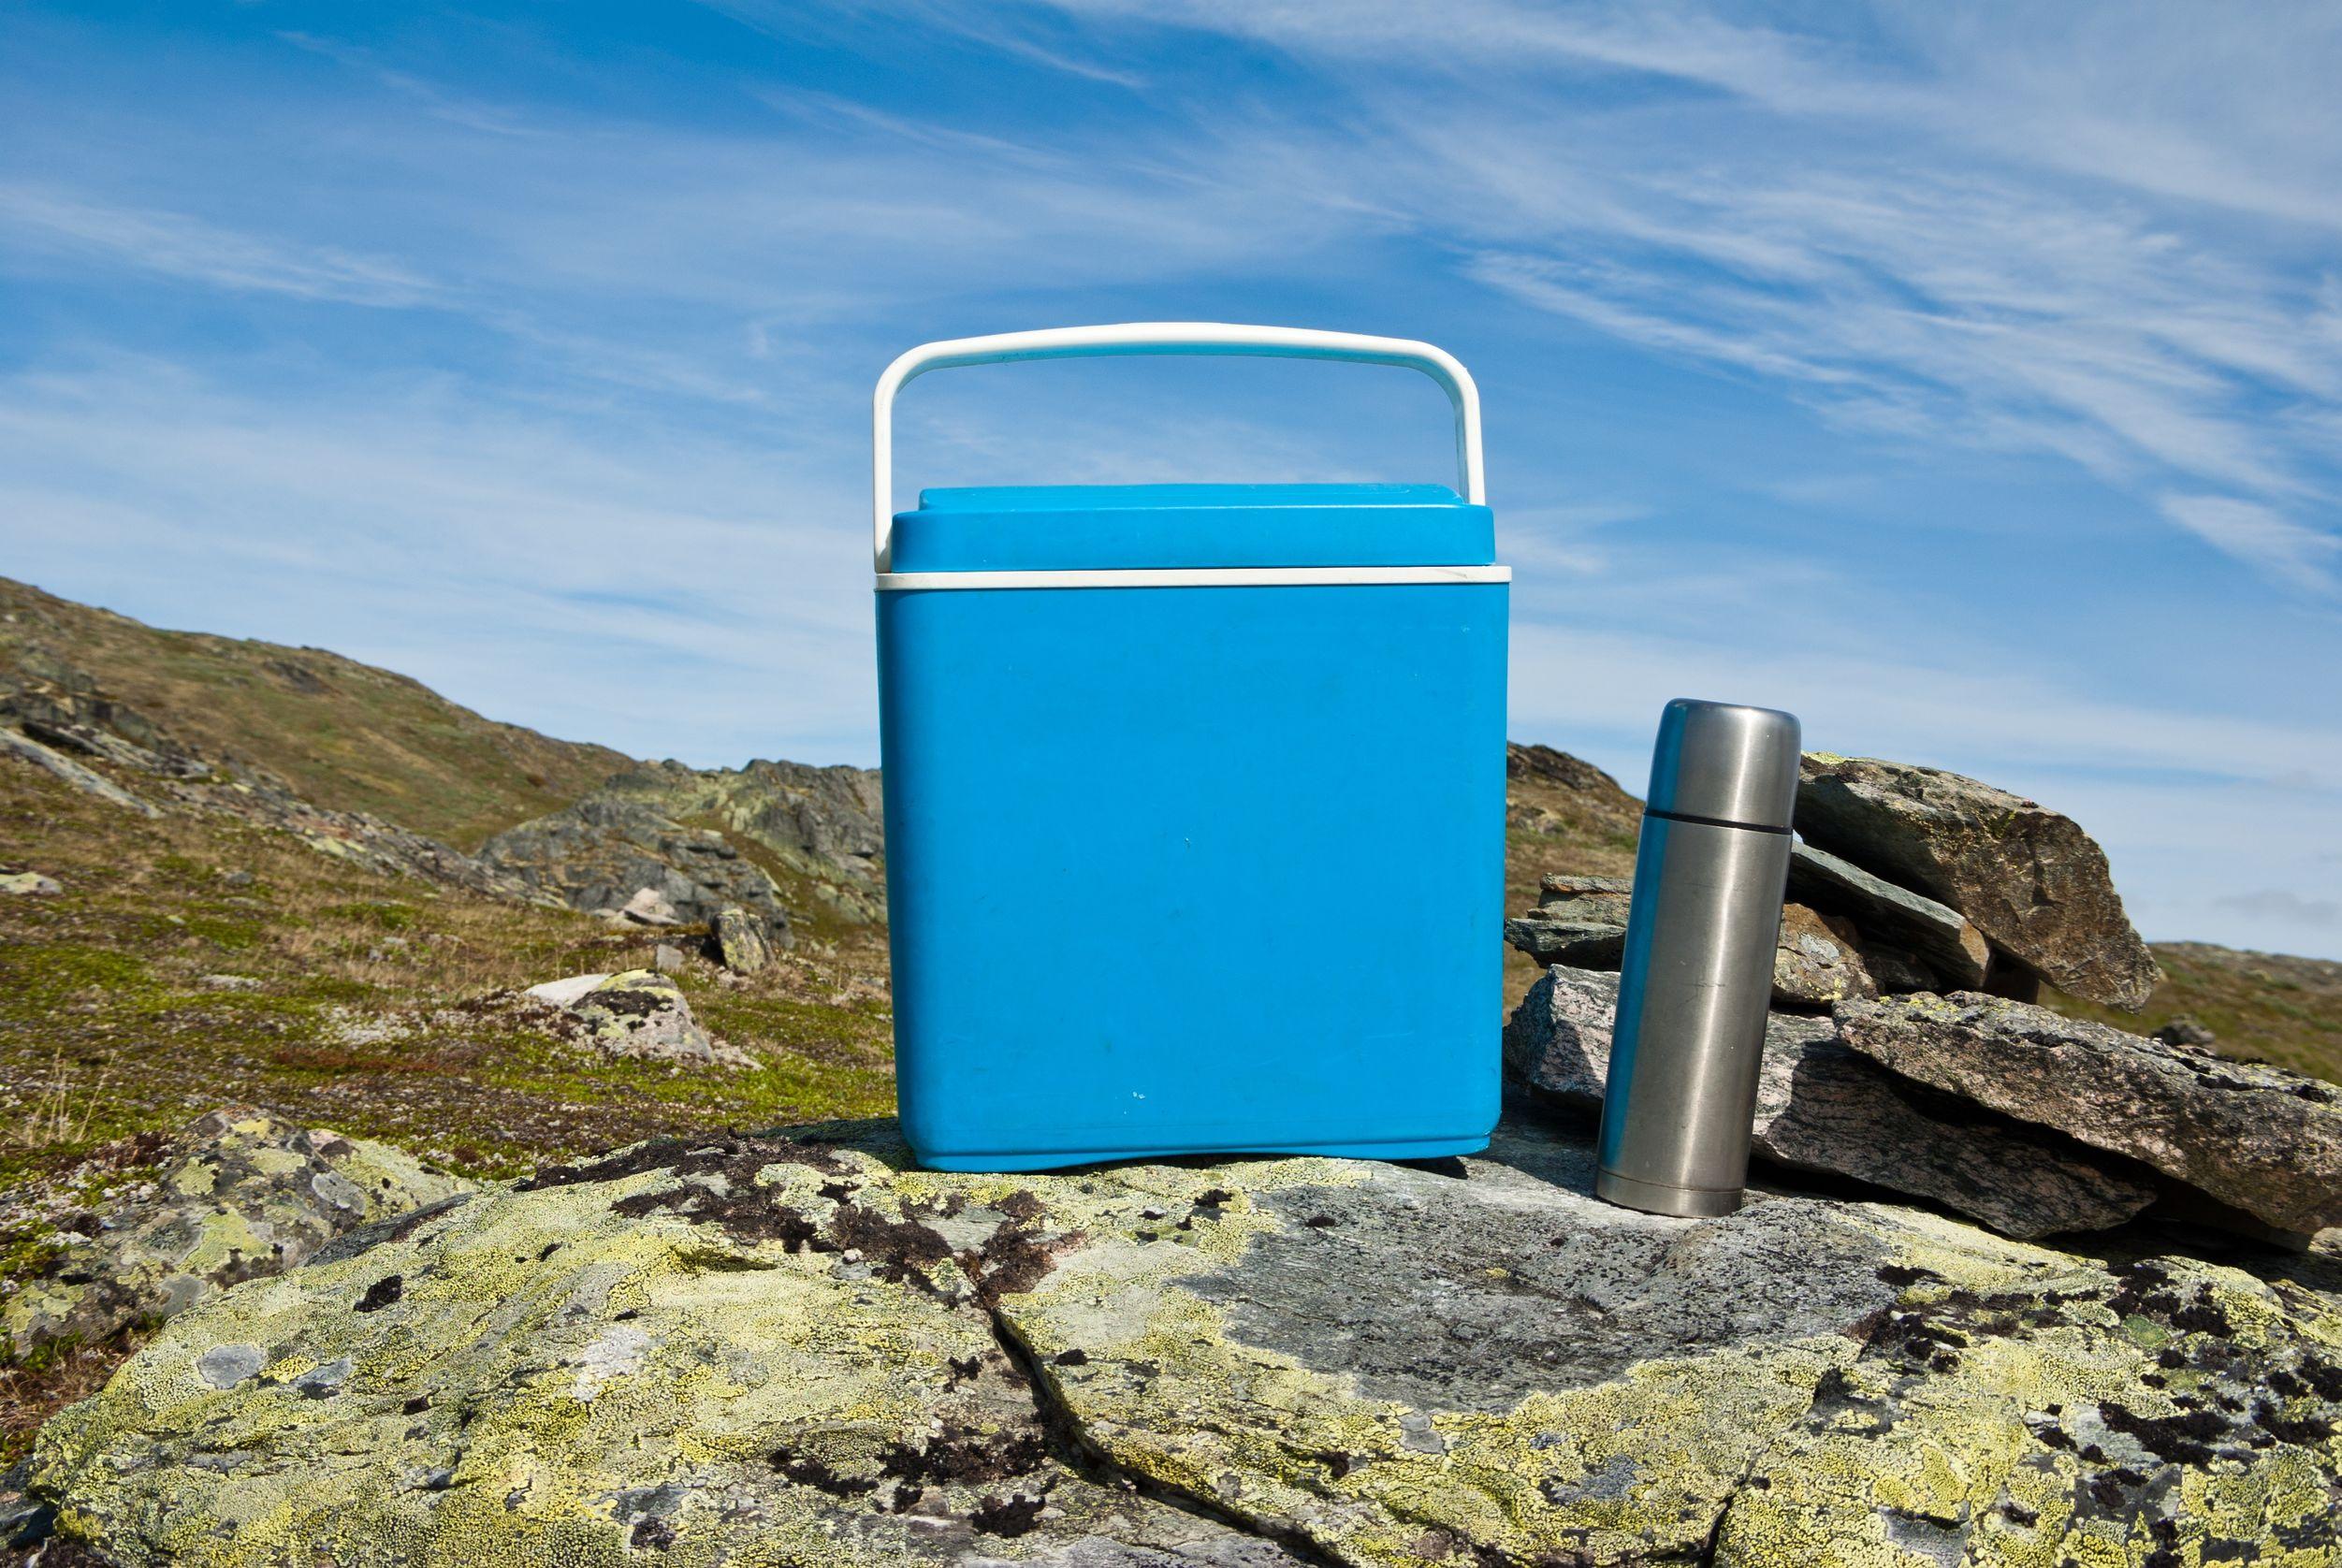 Miglior frigorifero portatile 2020: Guida all'acquisto